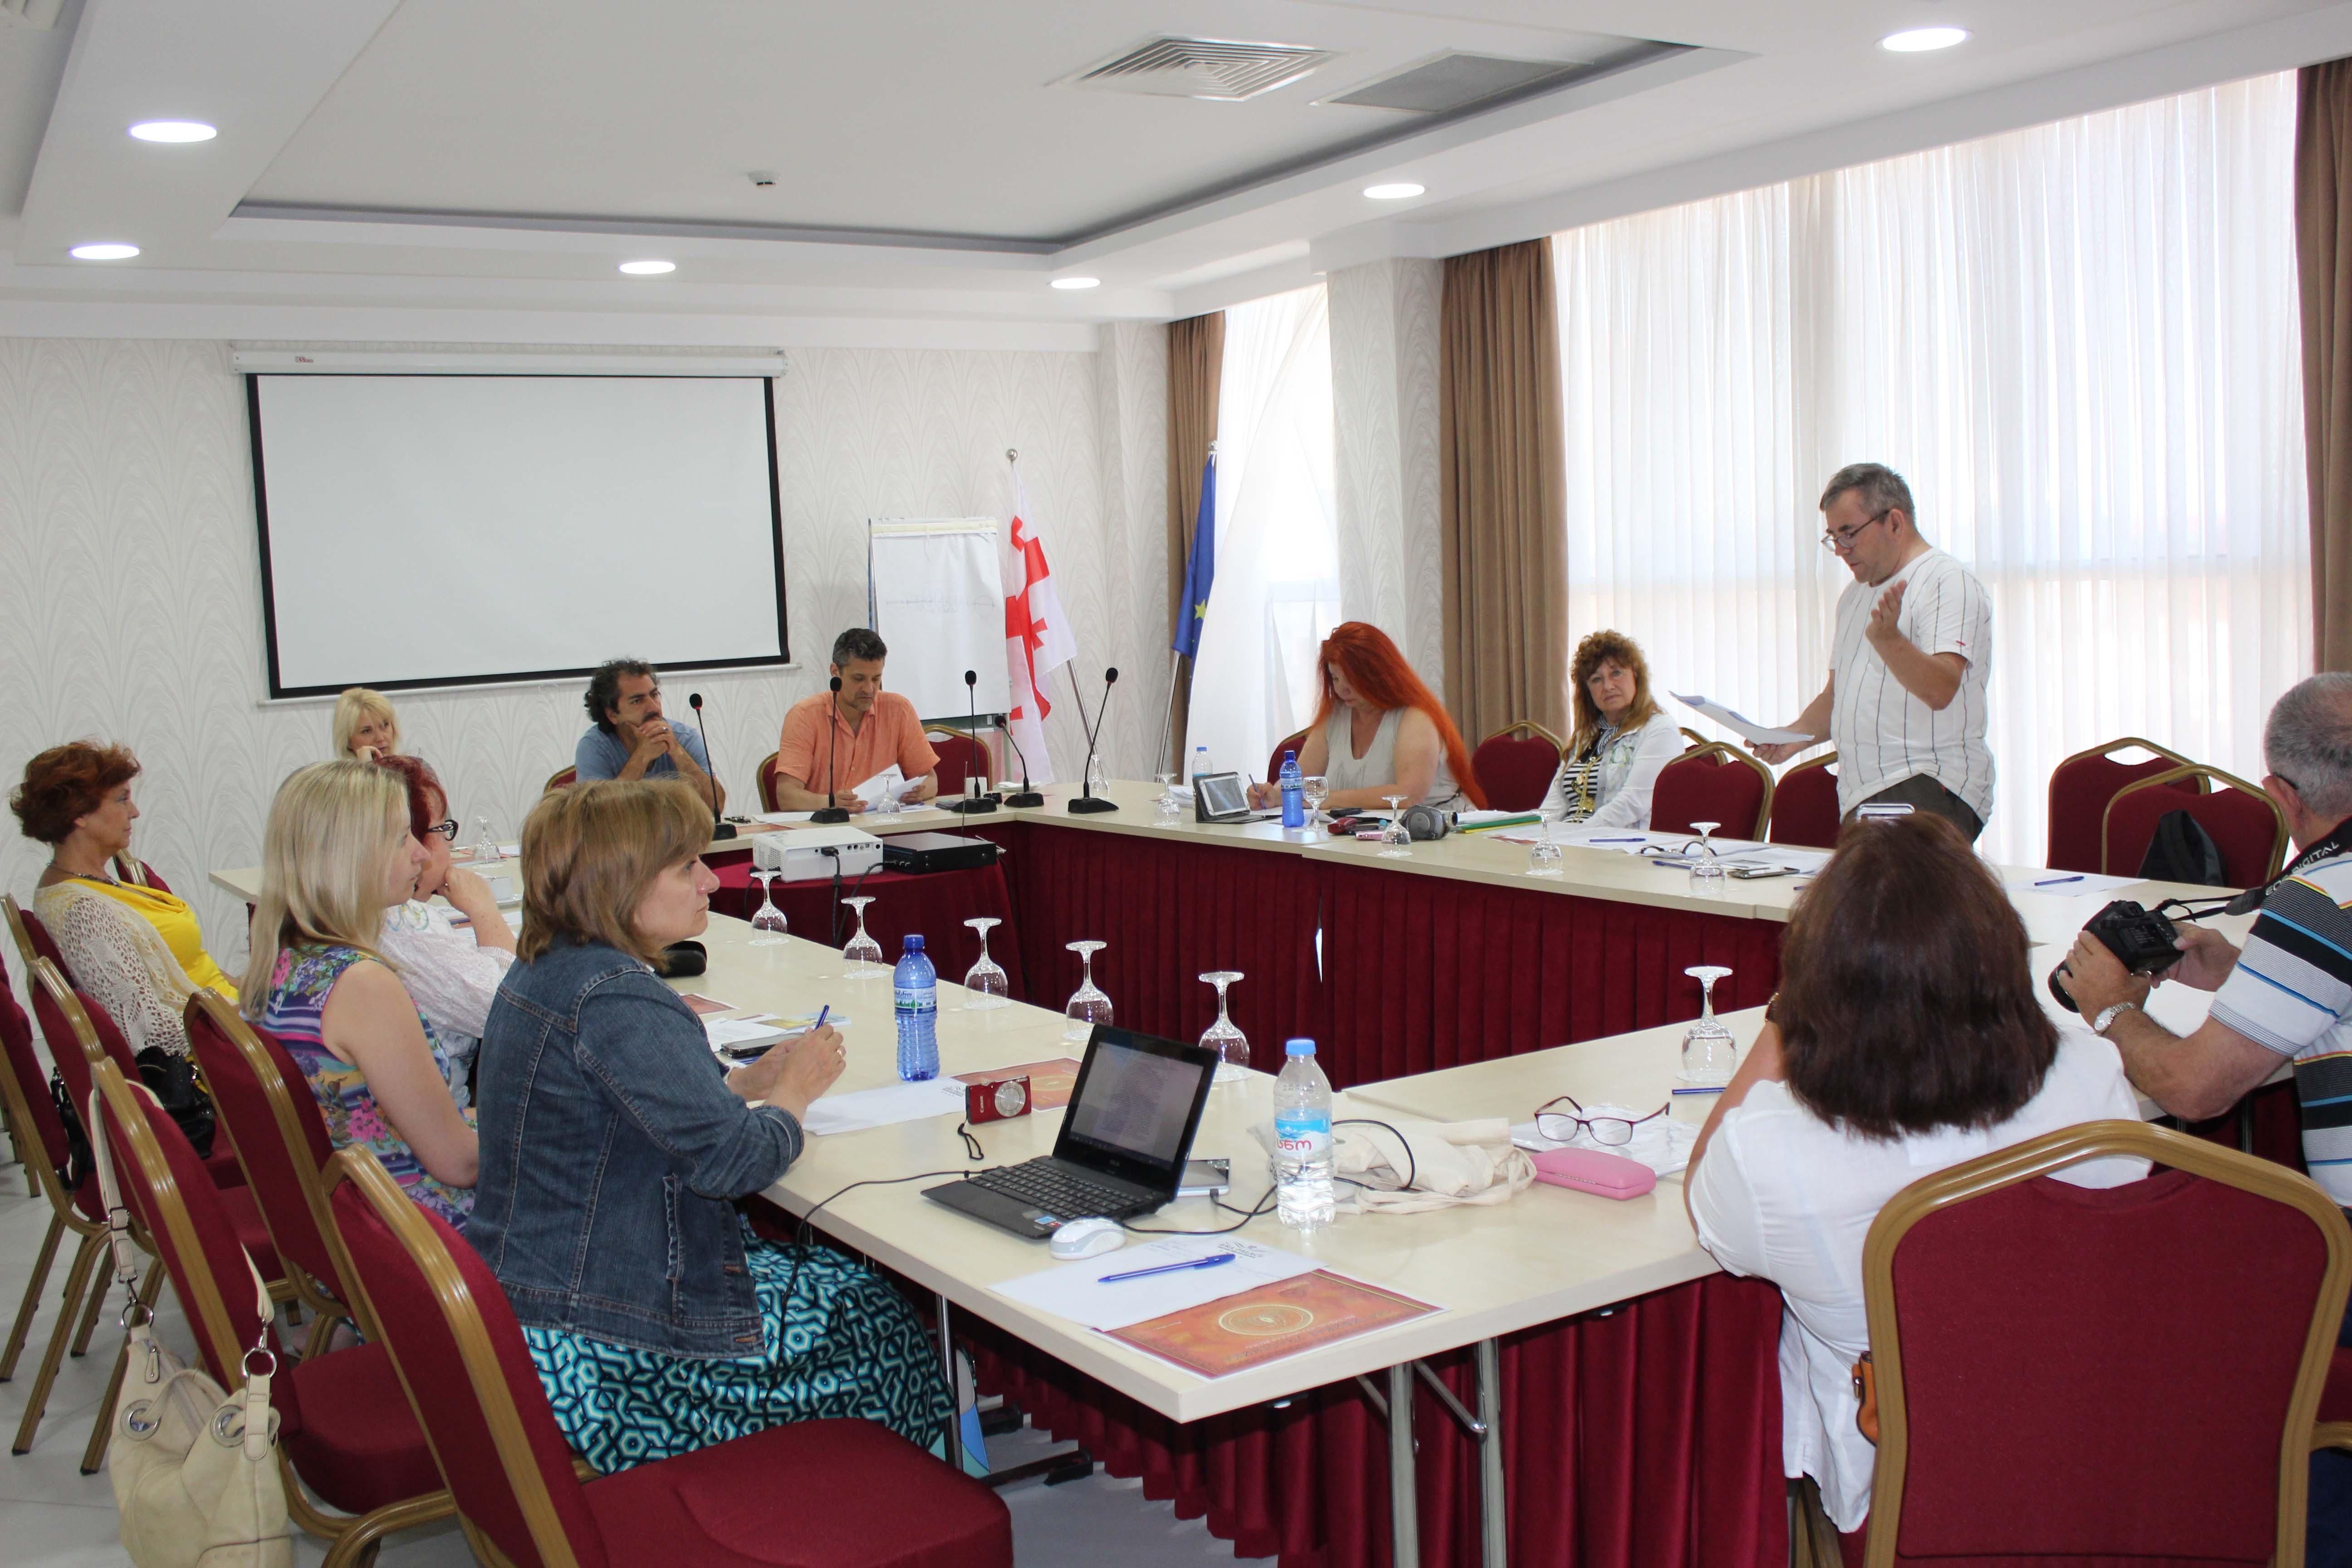 состоялись литературные чтения, презентации проектов и книжных новинок, общение с коллегами и собратьями по перу